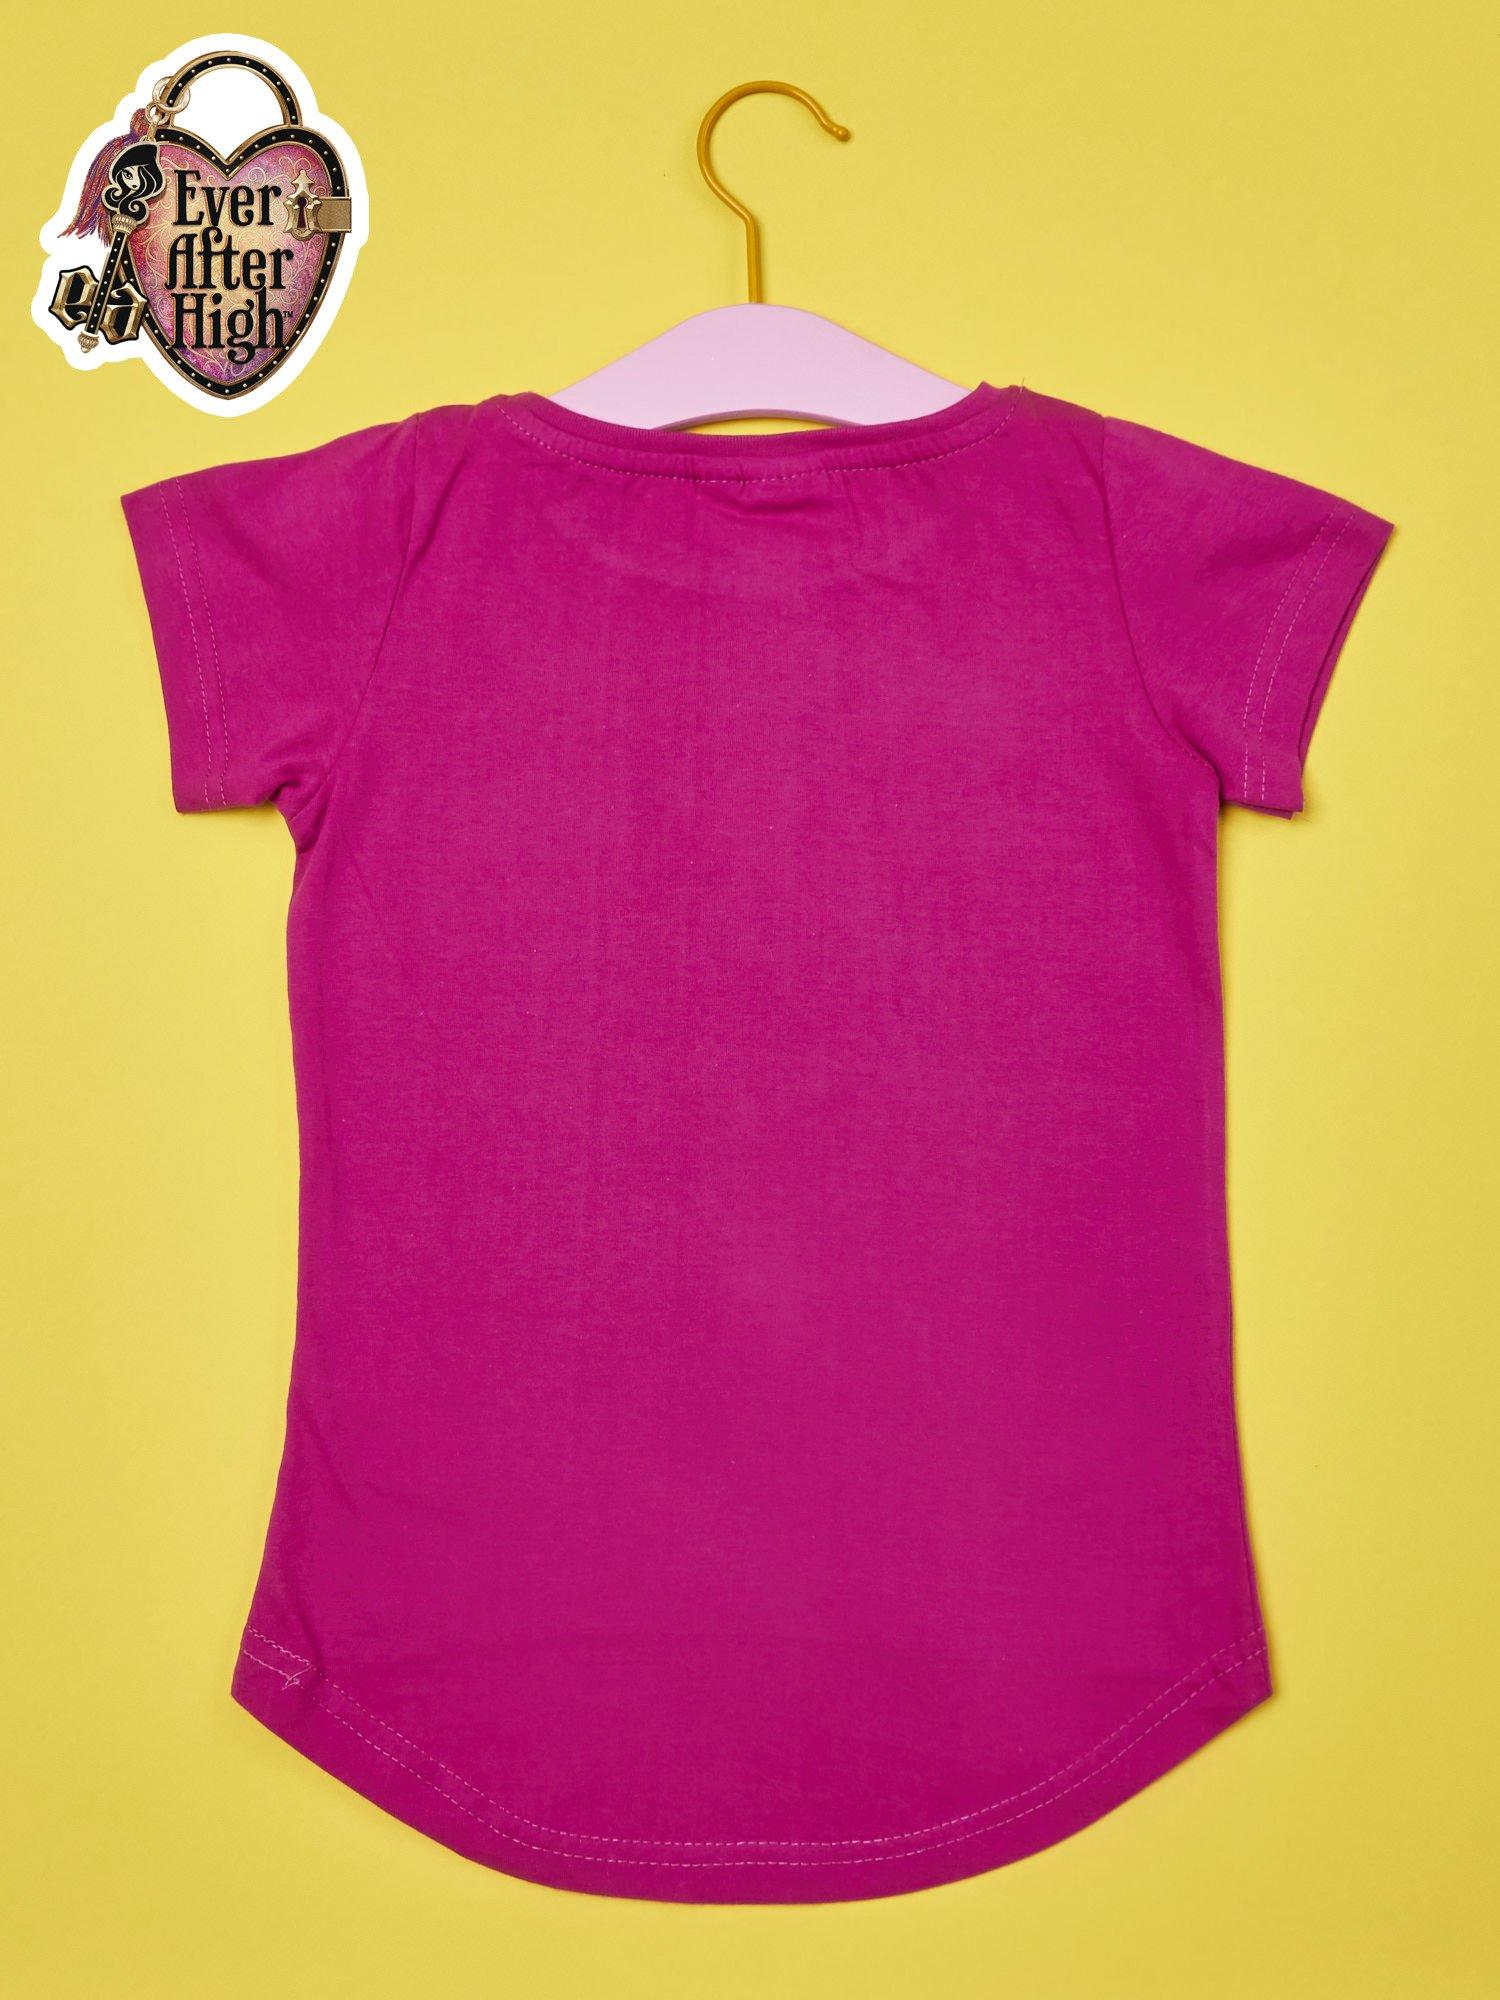 Fuksjowy t-shirt dla dziewczynki EVER AFTER HIGH                                  zdj.                                  2